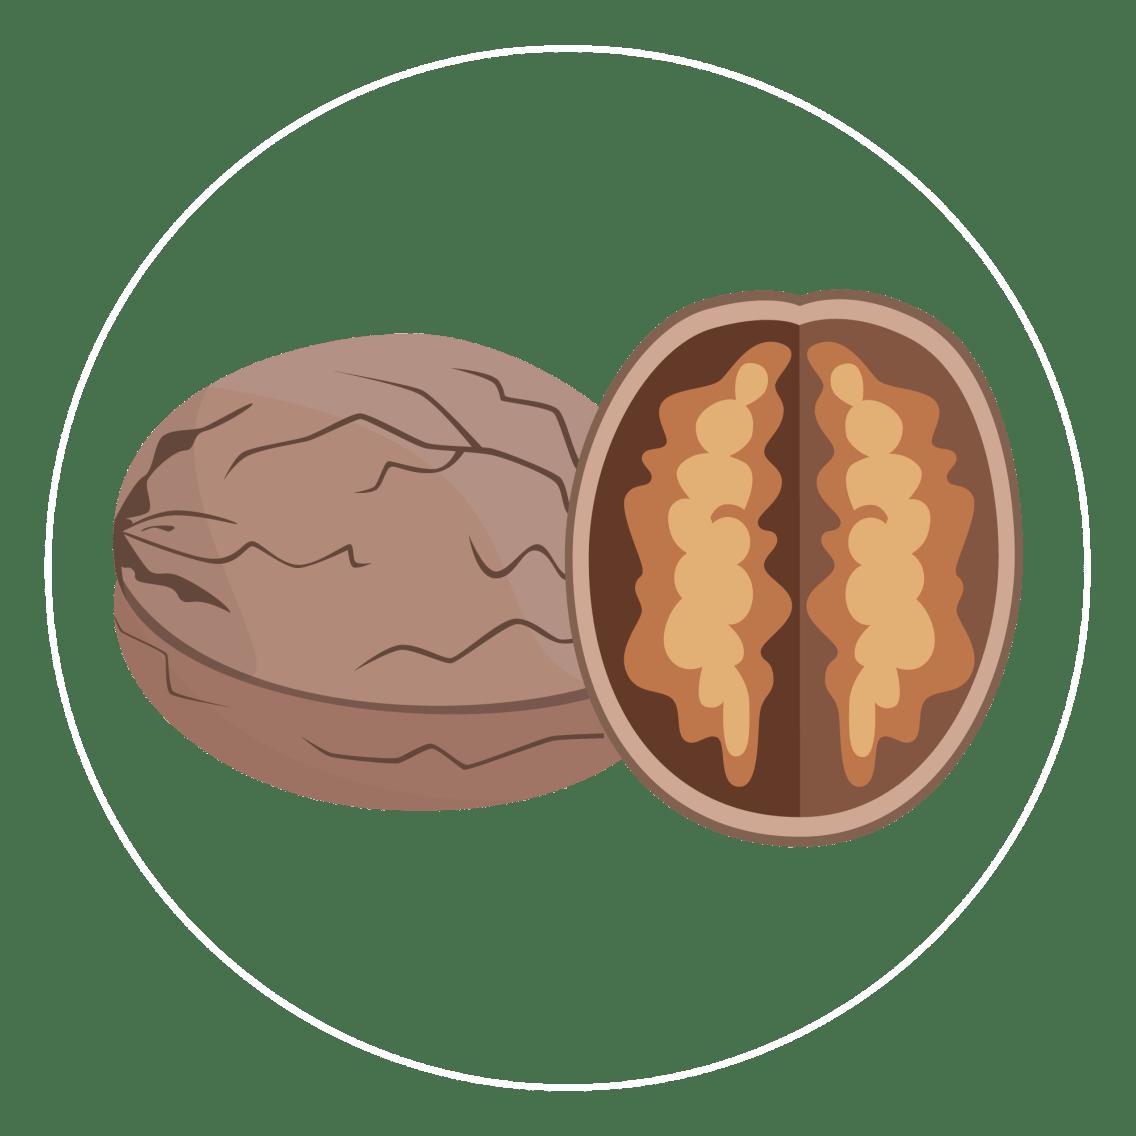 walnut-icon